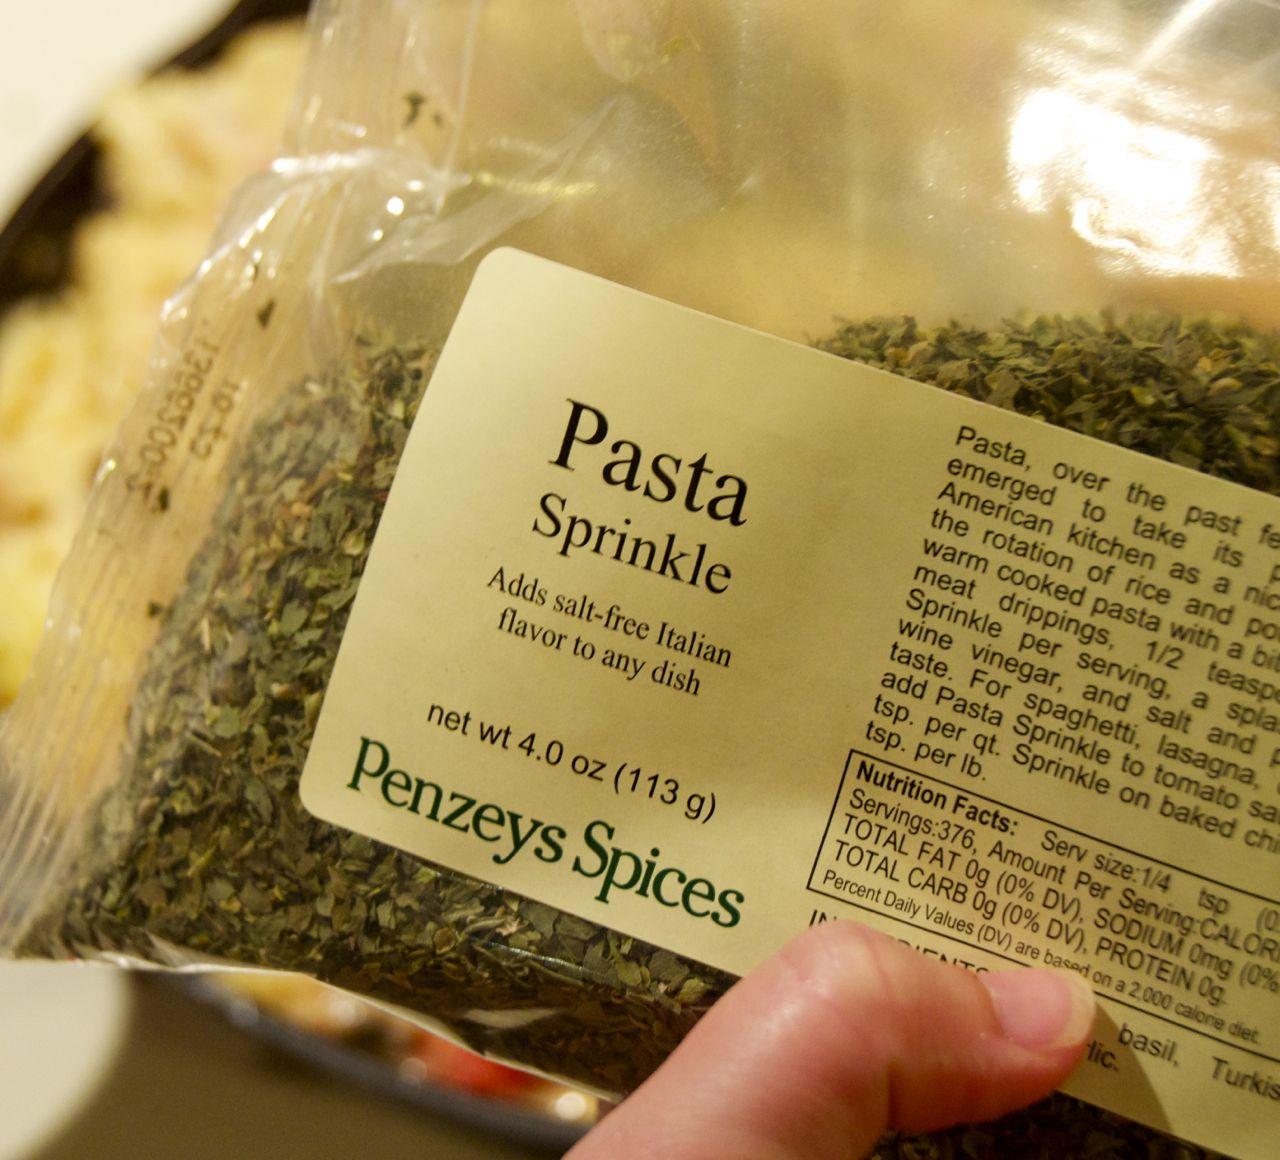 Pasta Sprinkle